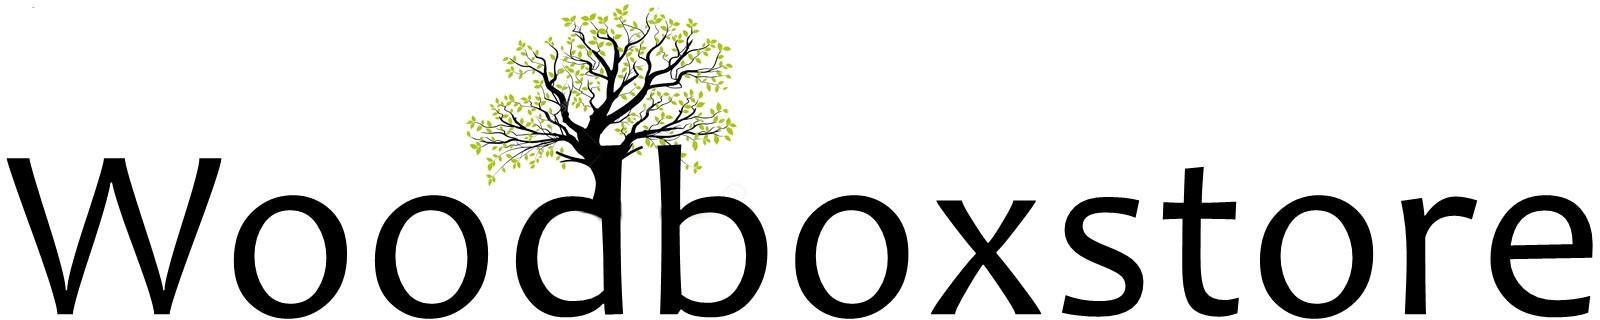 Holzkisten & Holzboxen & Aufbewahrungsboxen - woodboxstore.com